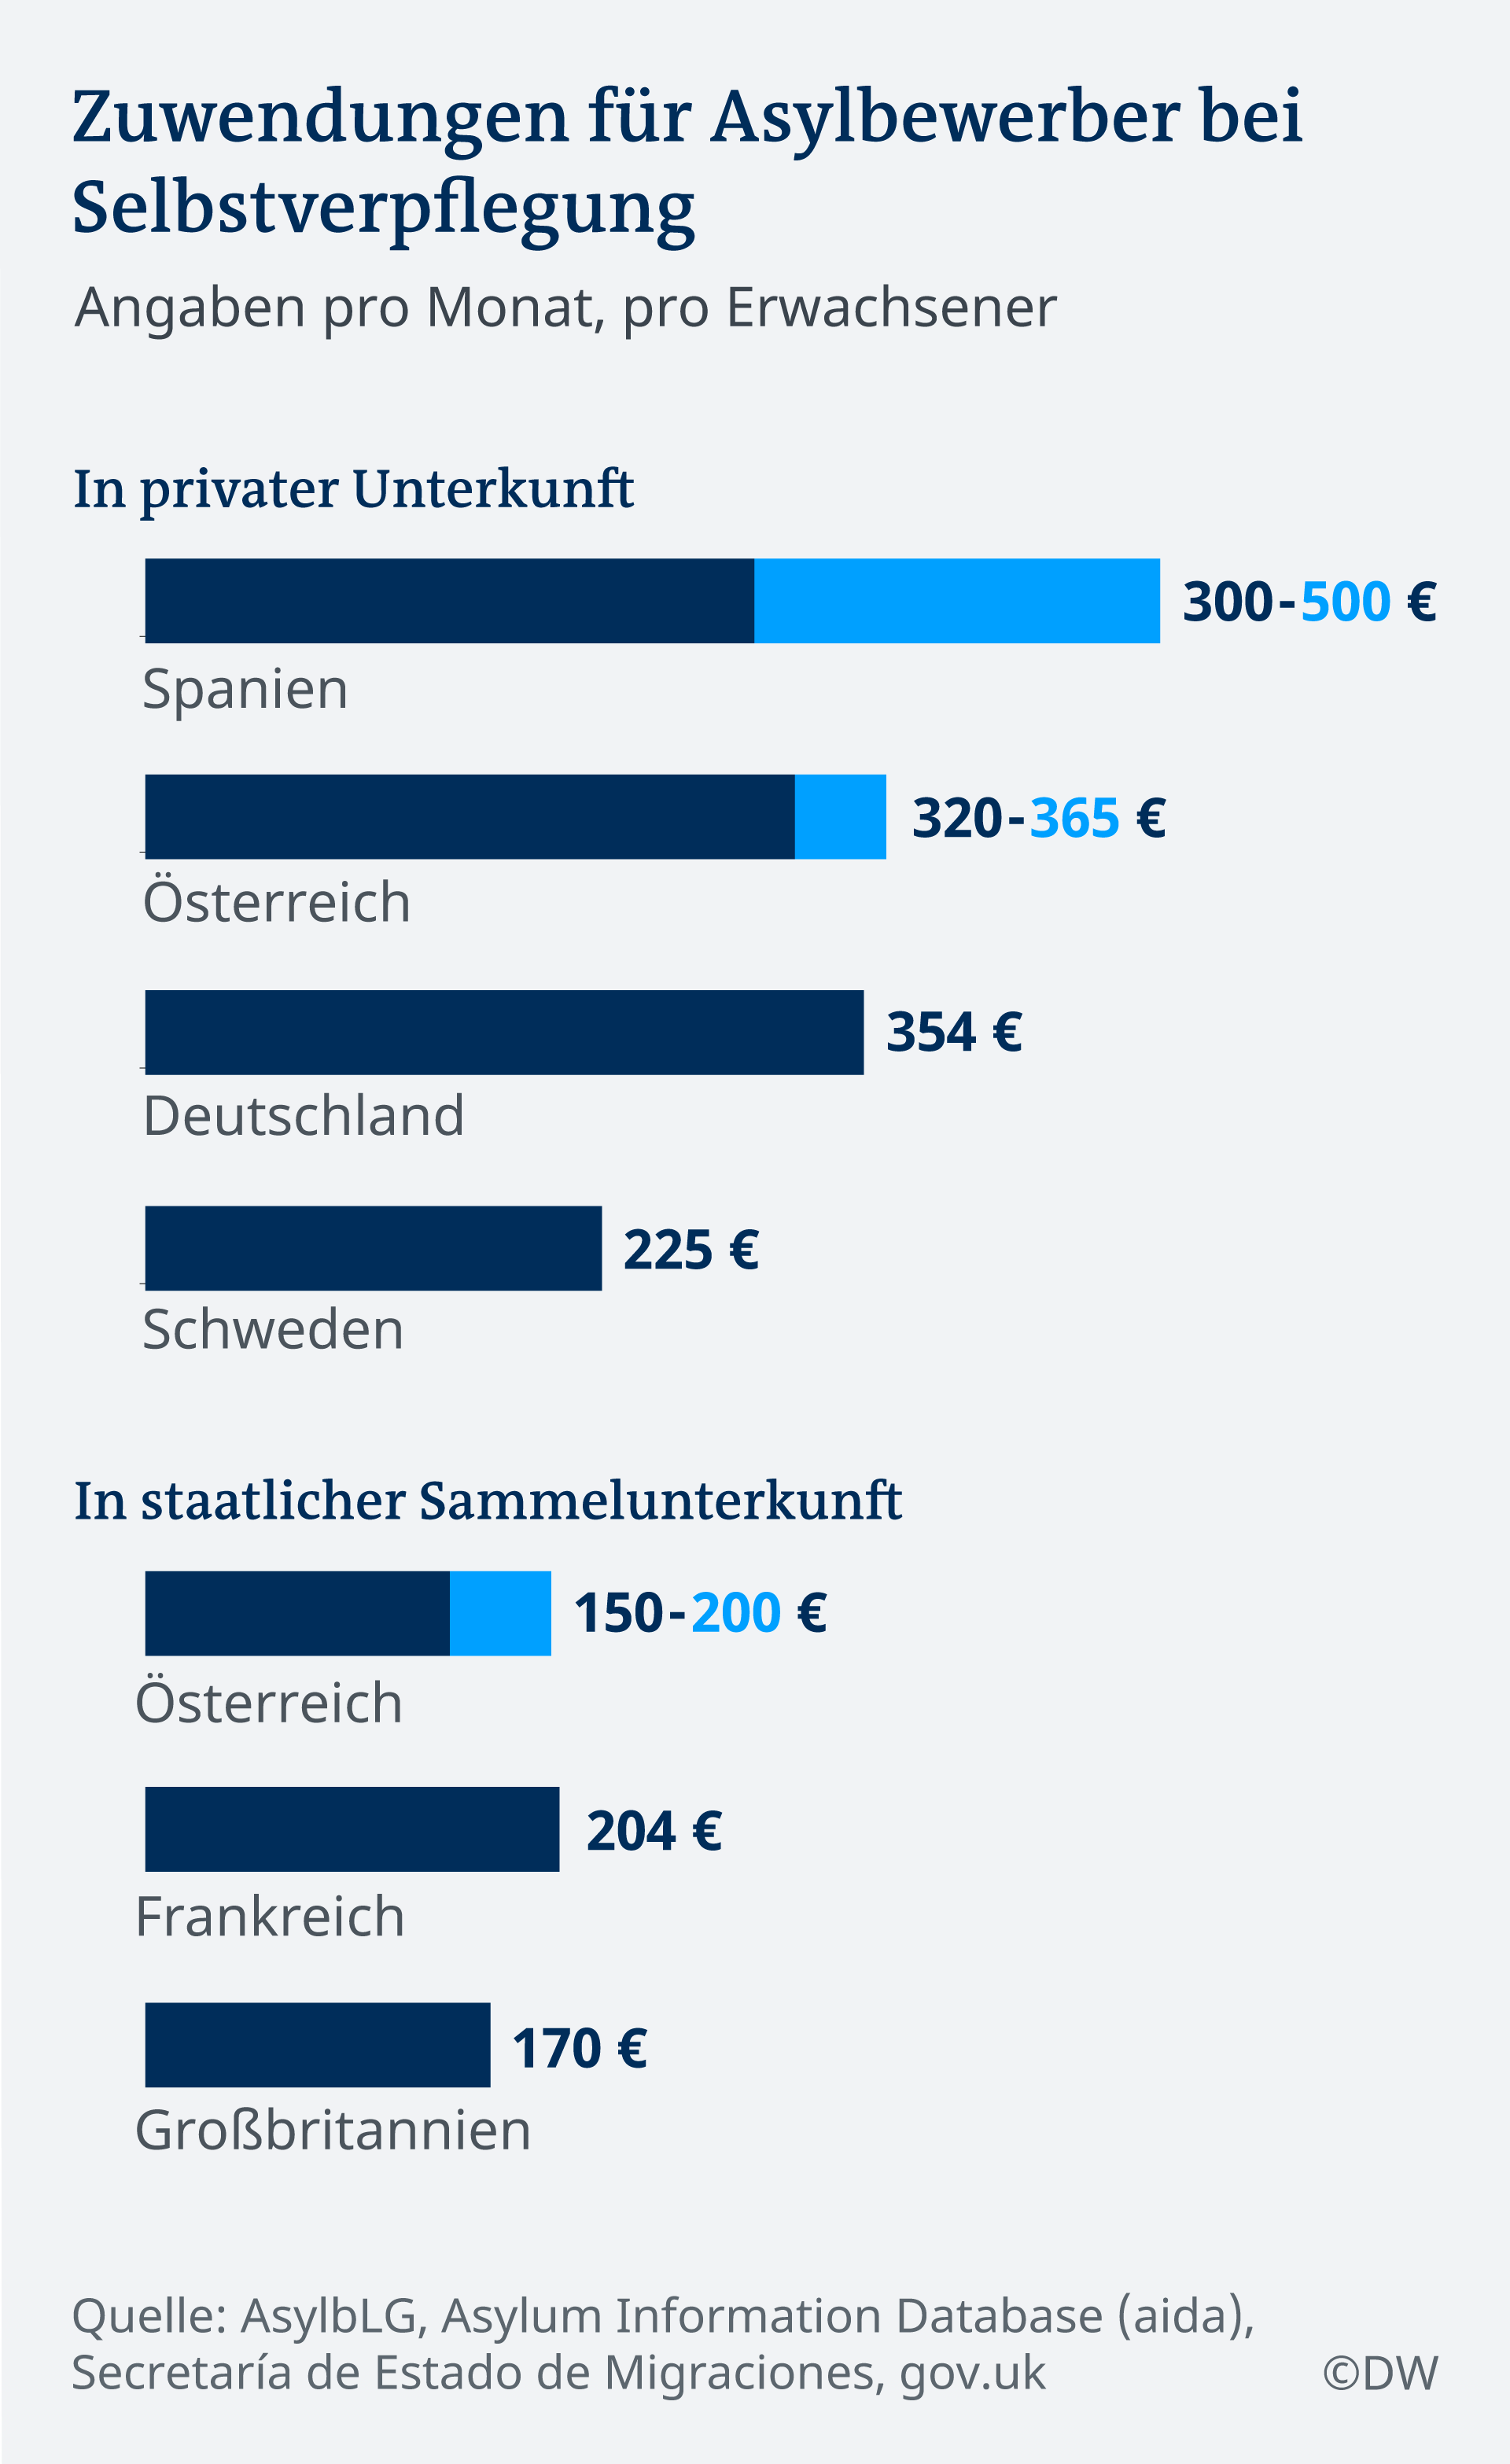 Infografik Zuwendung für Asylbewerber bei Selbstverpflegung